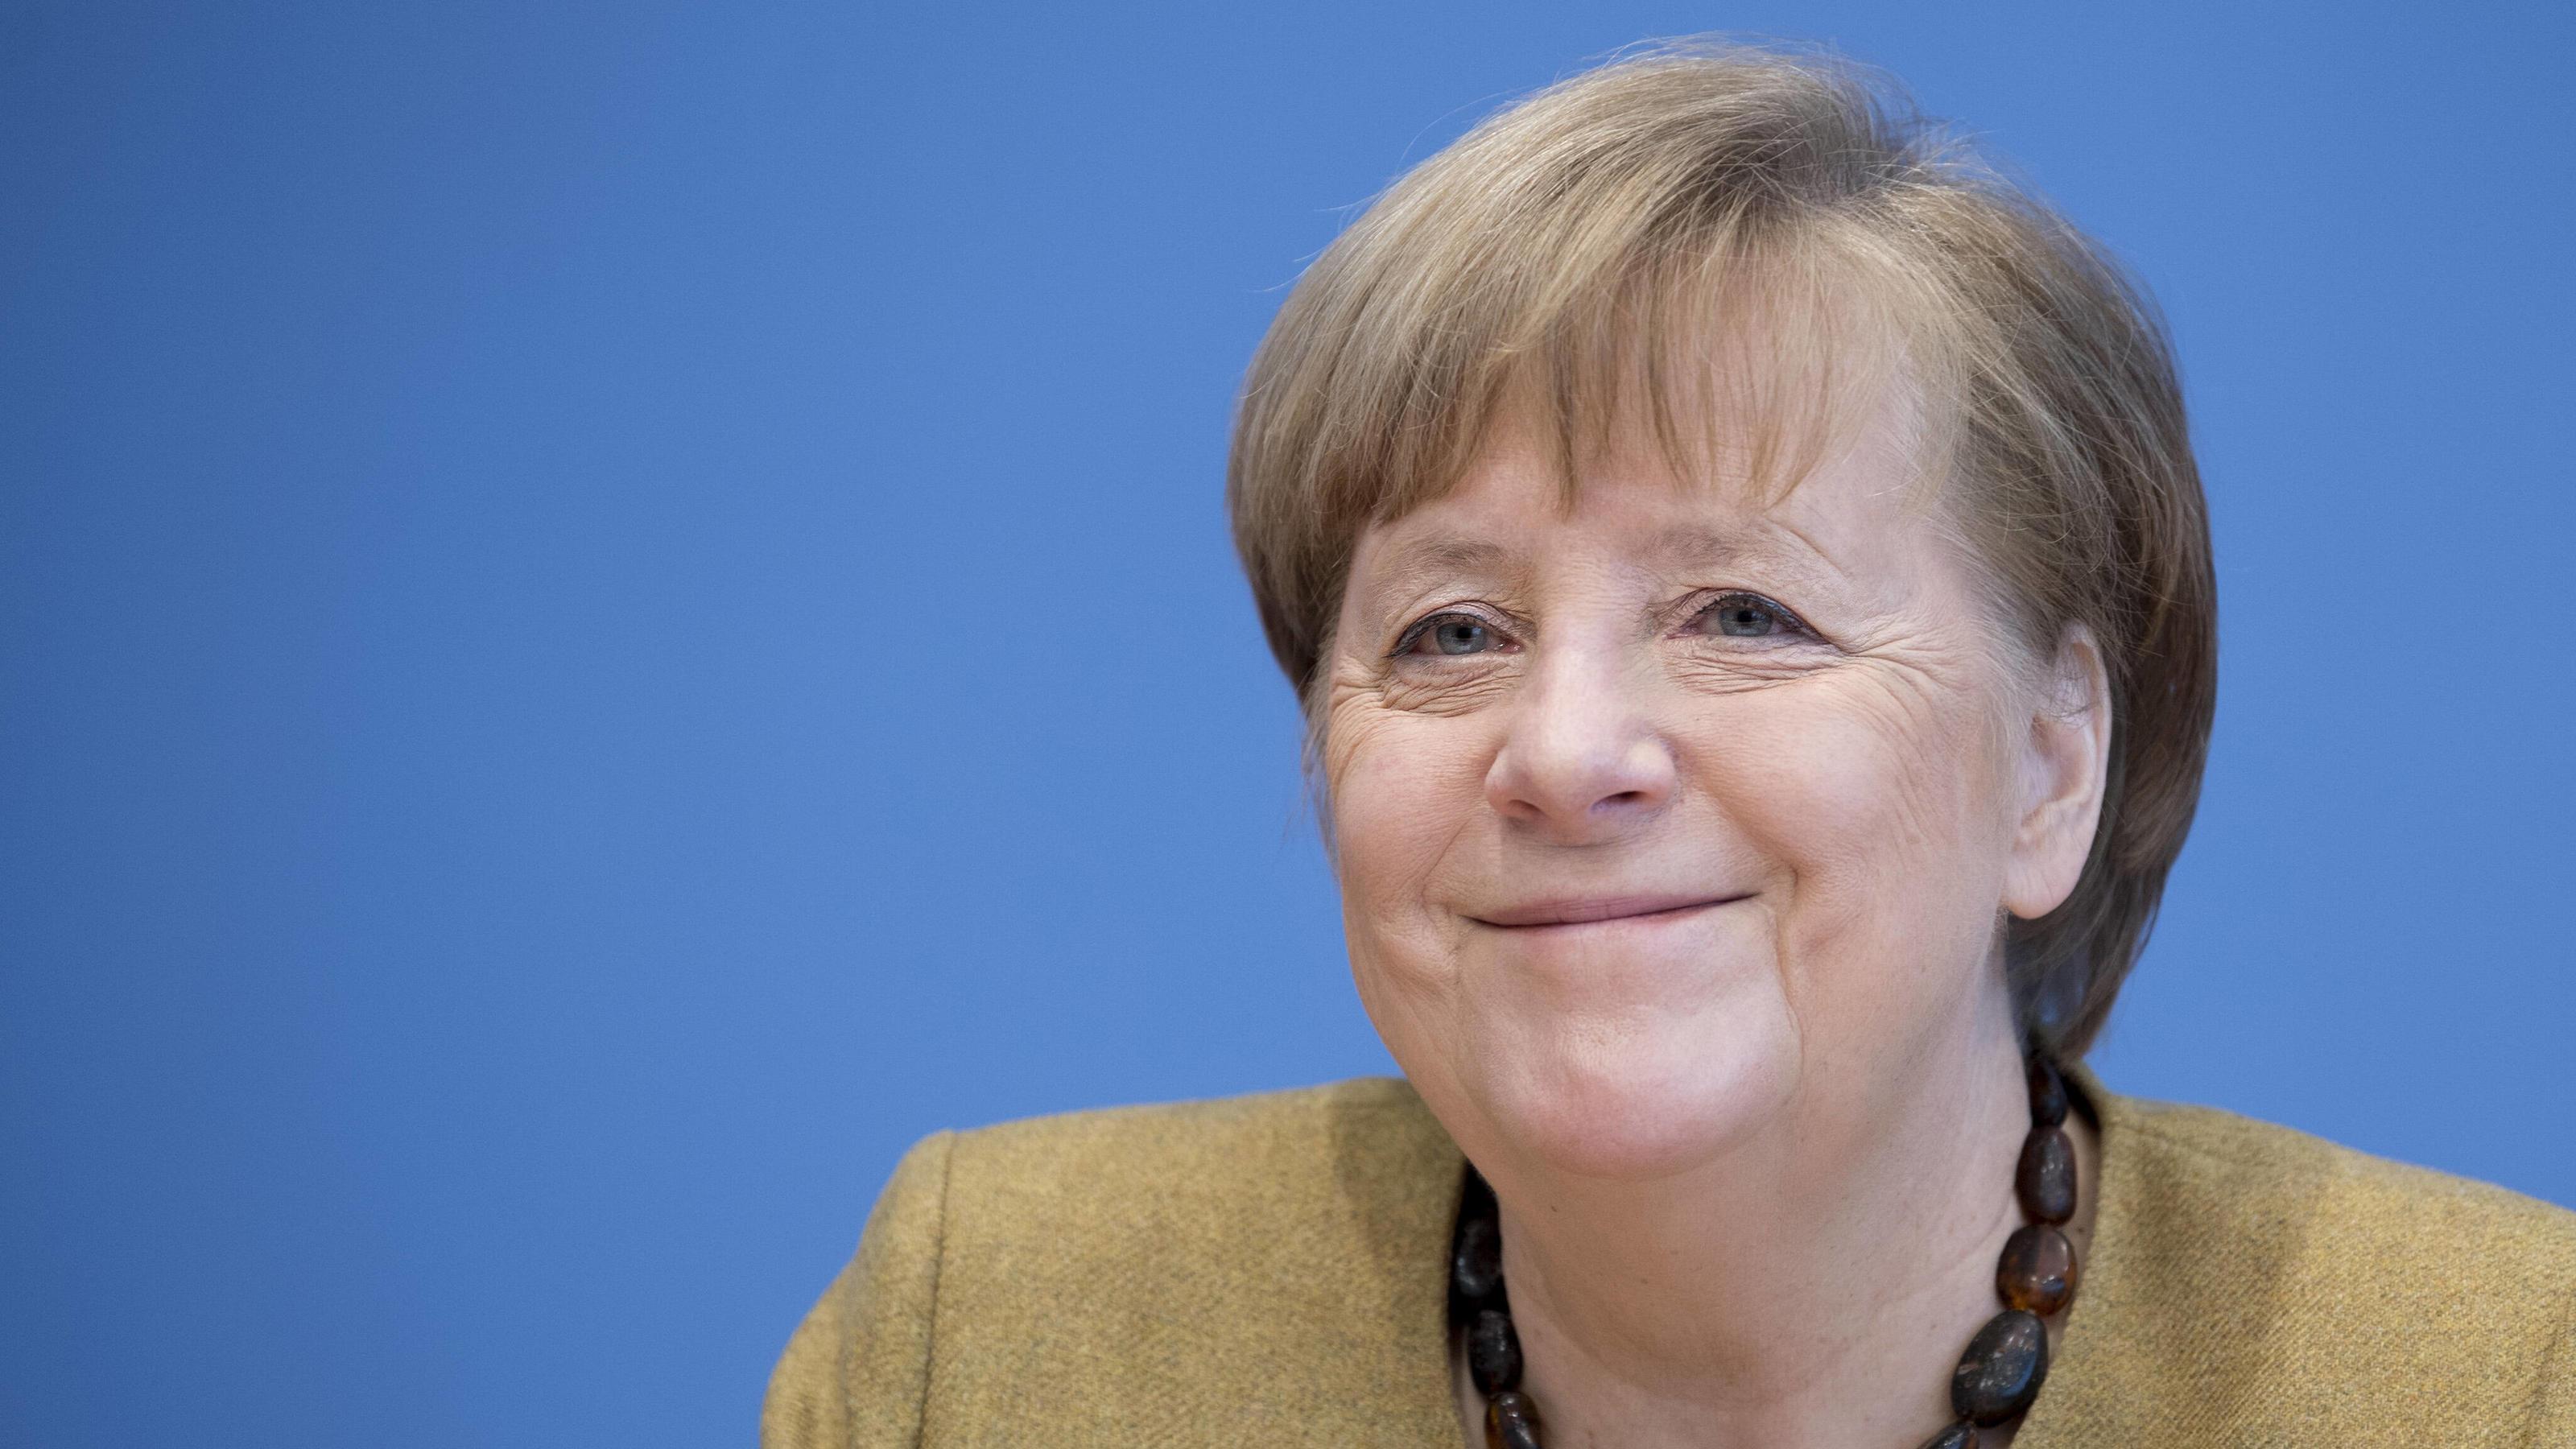 Bundeskanzlerin Angela Merkel: Wieso haben Politikerinnen eigentlich immer top gestylte...